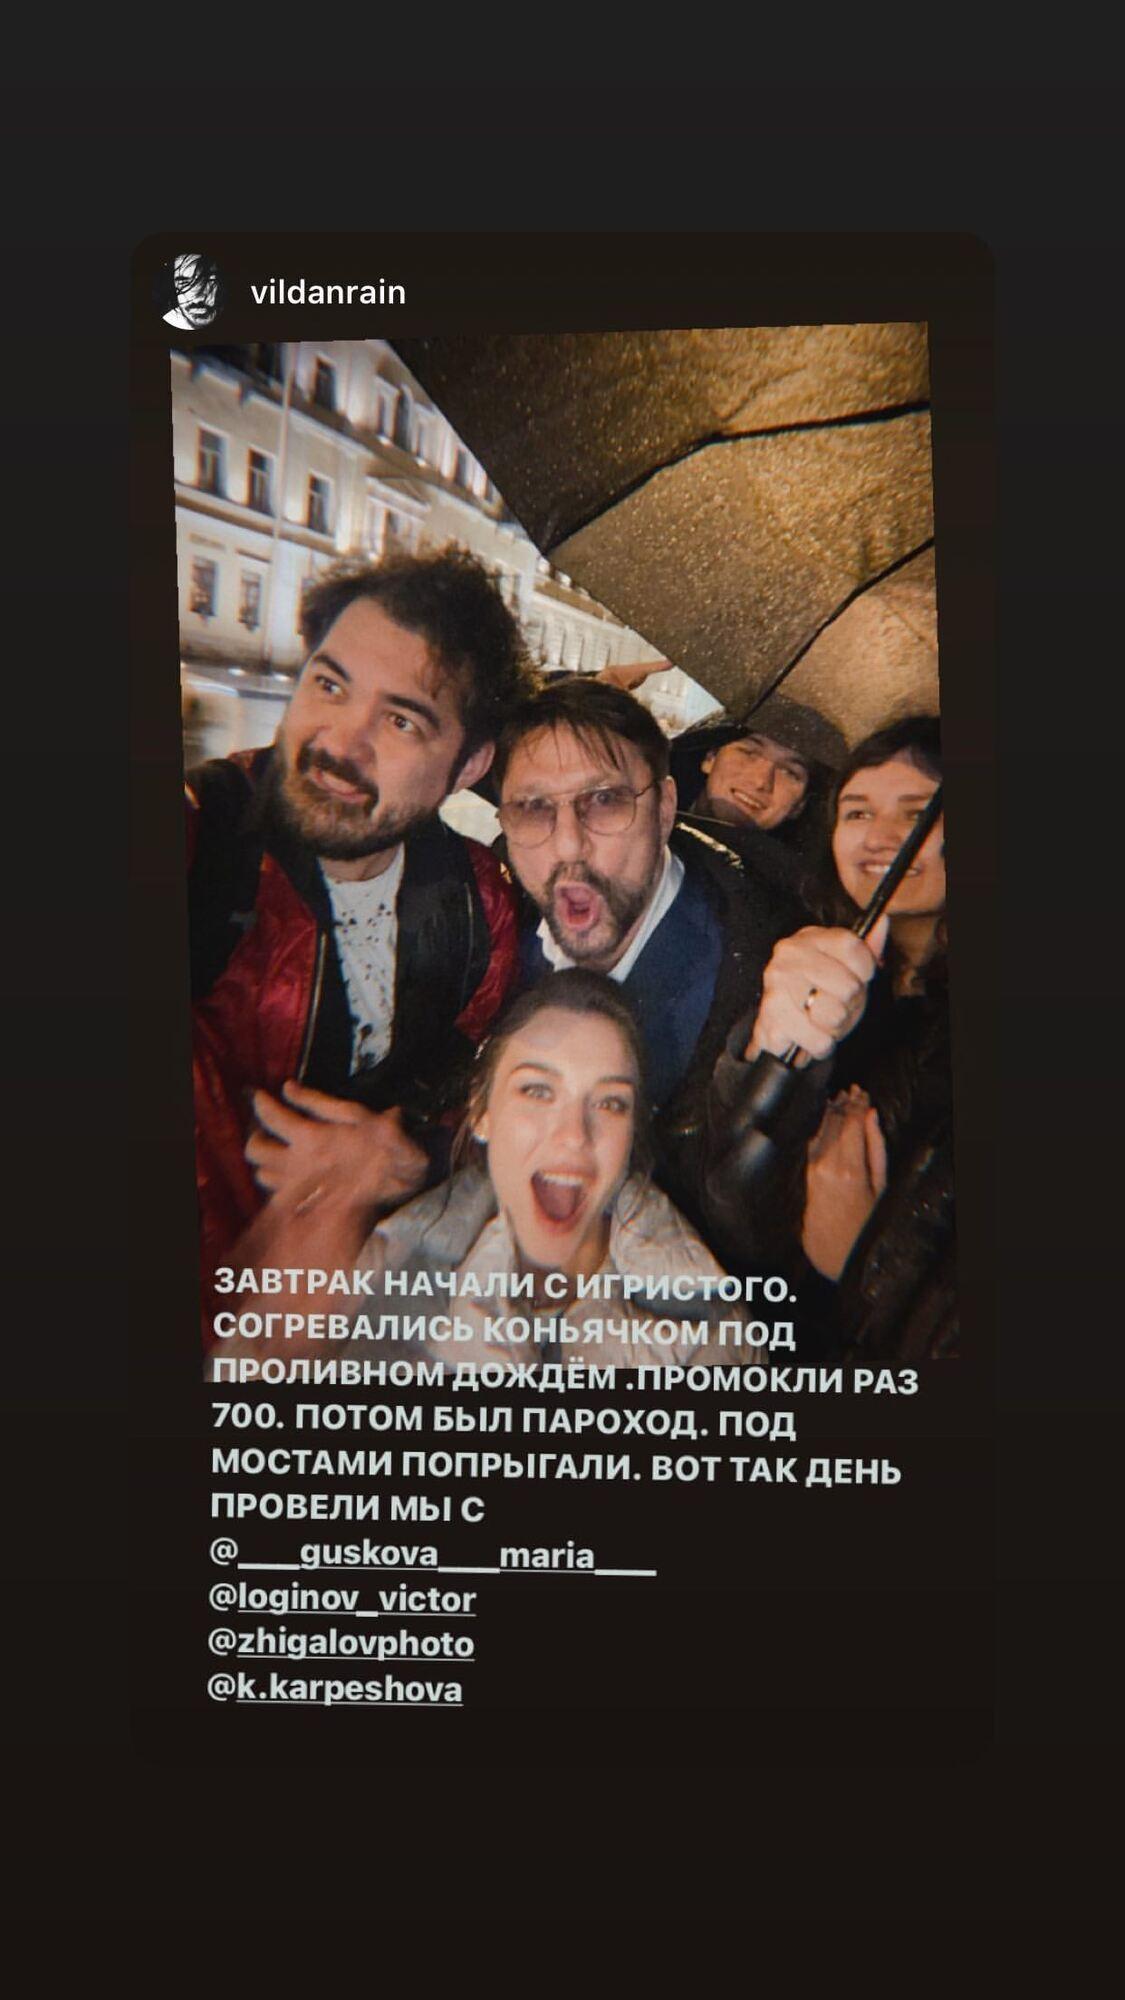 Свадьба Виктора Логинова и Марии Гуськовой